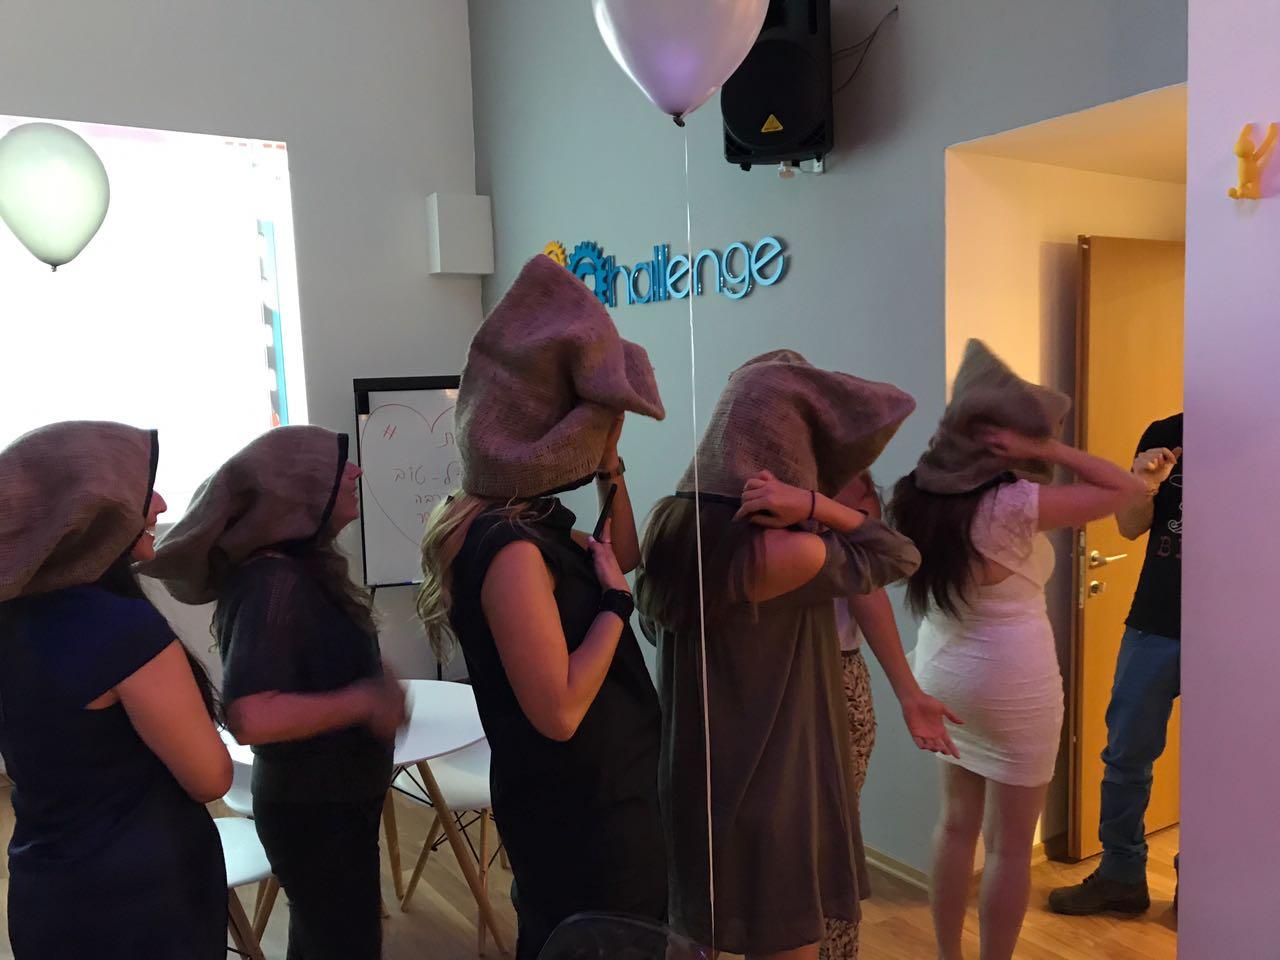 מסיבת רווקות מושלמת מתחילה בצ'אלנג' - חדר בריחה, לובי אירועים, מקום לשתות ולהשתולל והרבה הפתעות נוספות